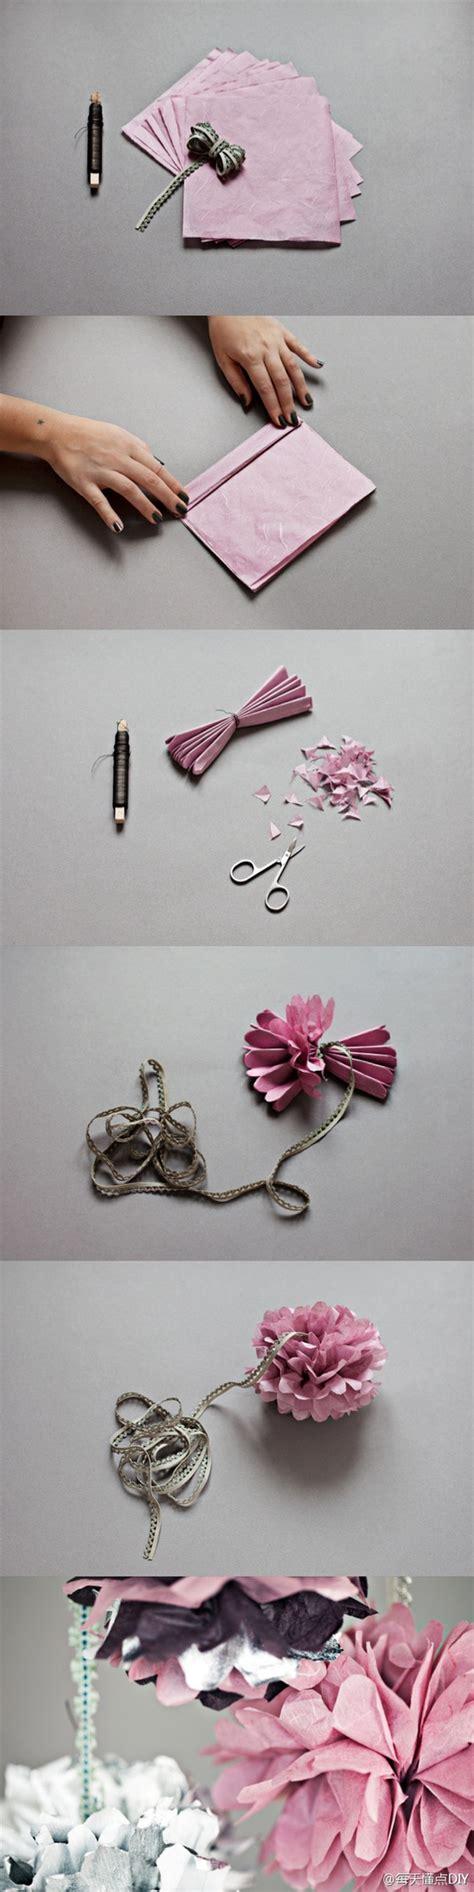 crafts for tweens diy crafts for tweens ye craft ideas Diy